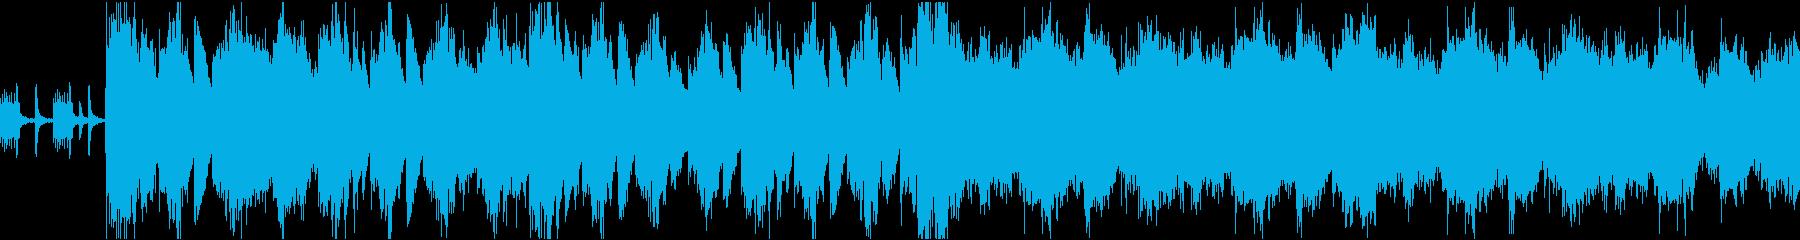 荘厳華美な天国の王宮イメージのフルオケの再生済みの波形